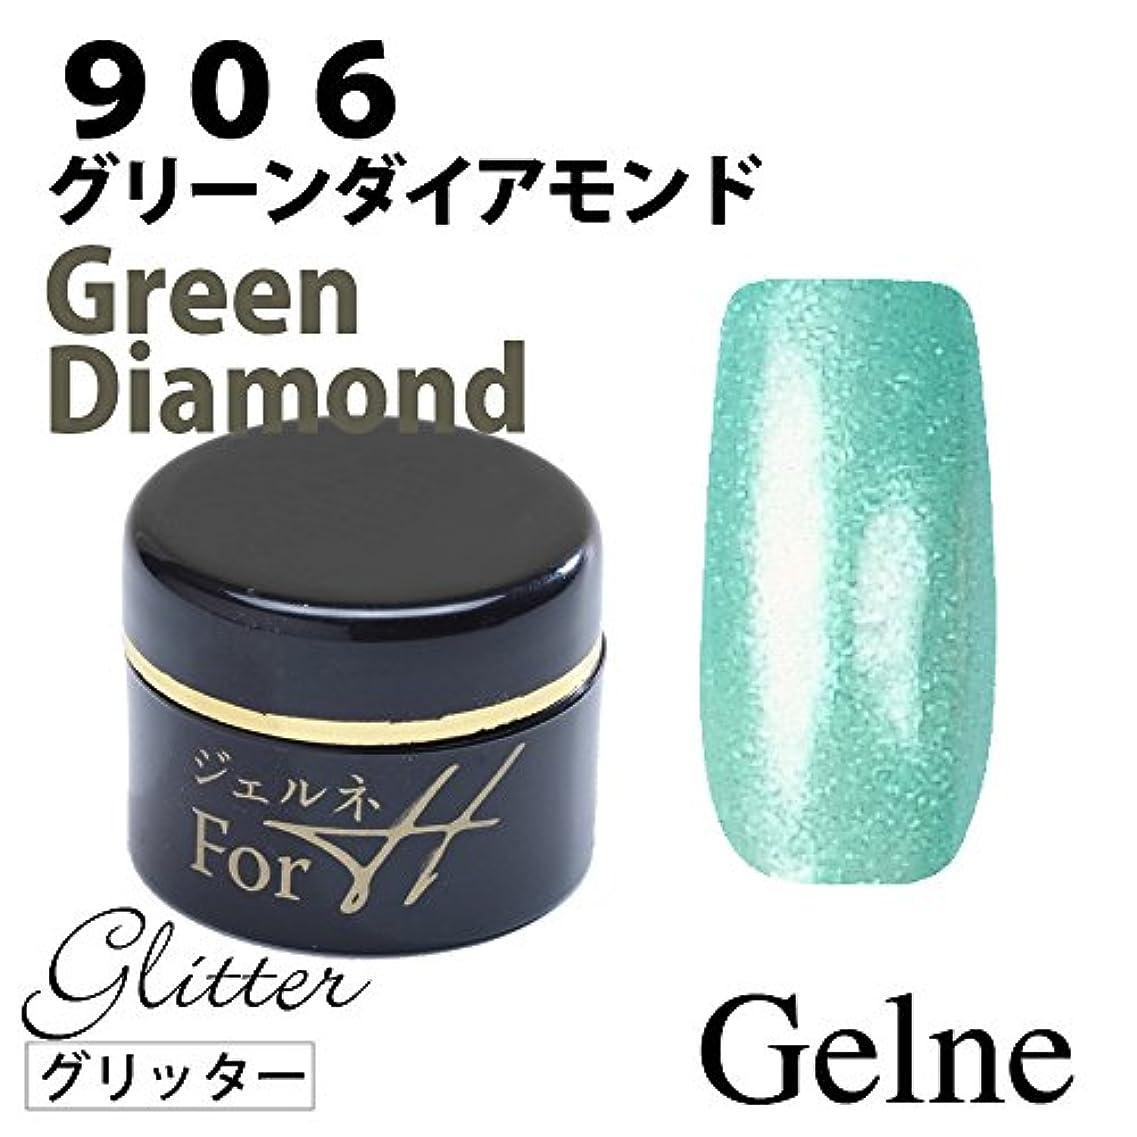 タオルチャンバー古代Gelneオリジナル グリーンダイヤモンド カラージェル 5g LED/UV対応